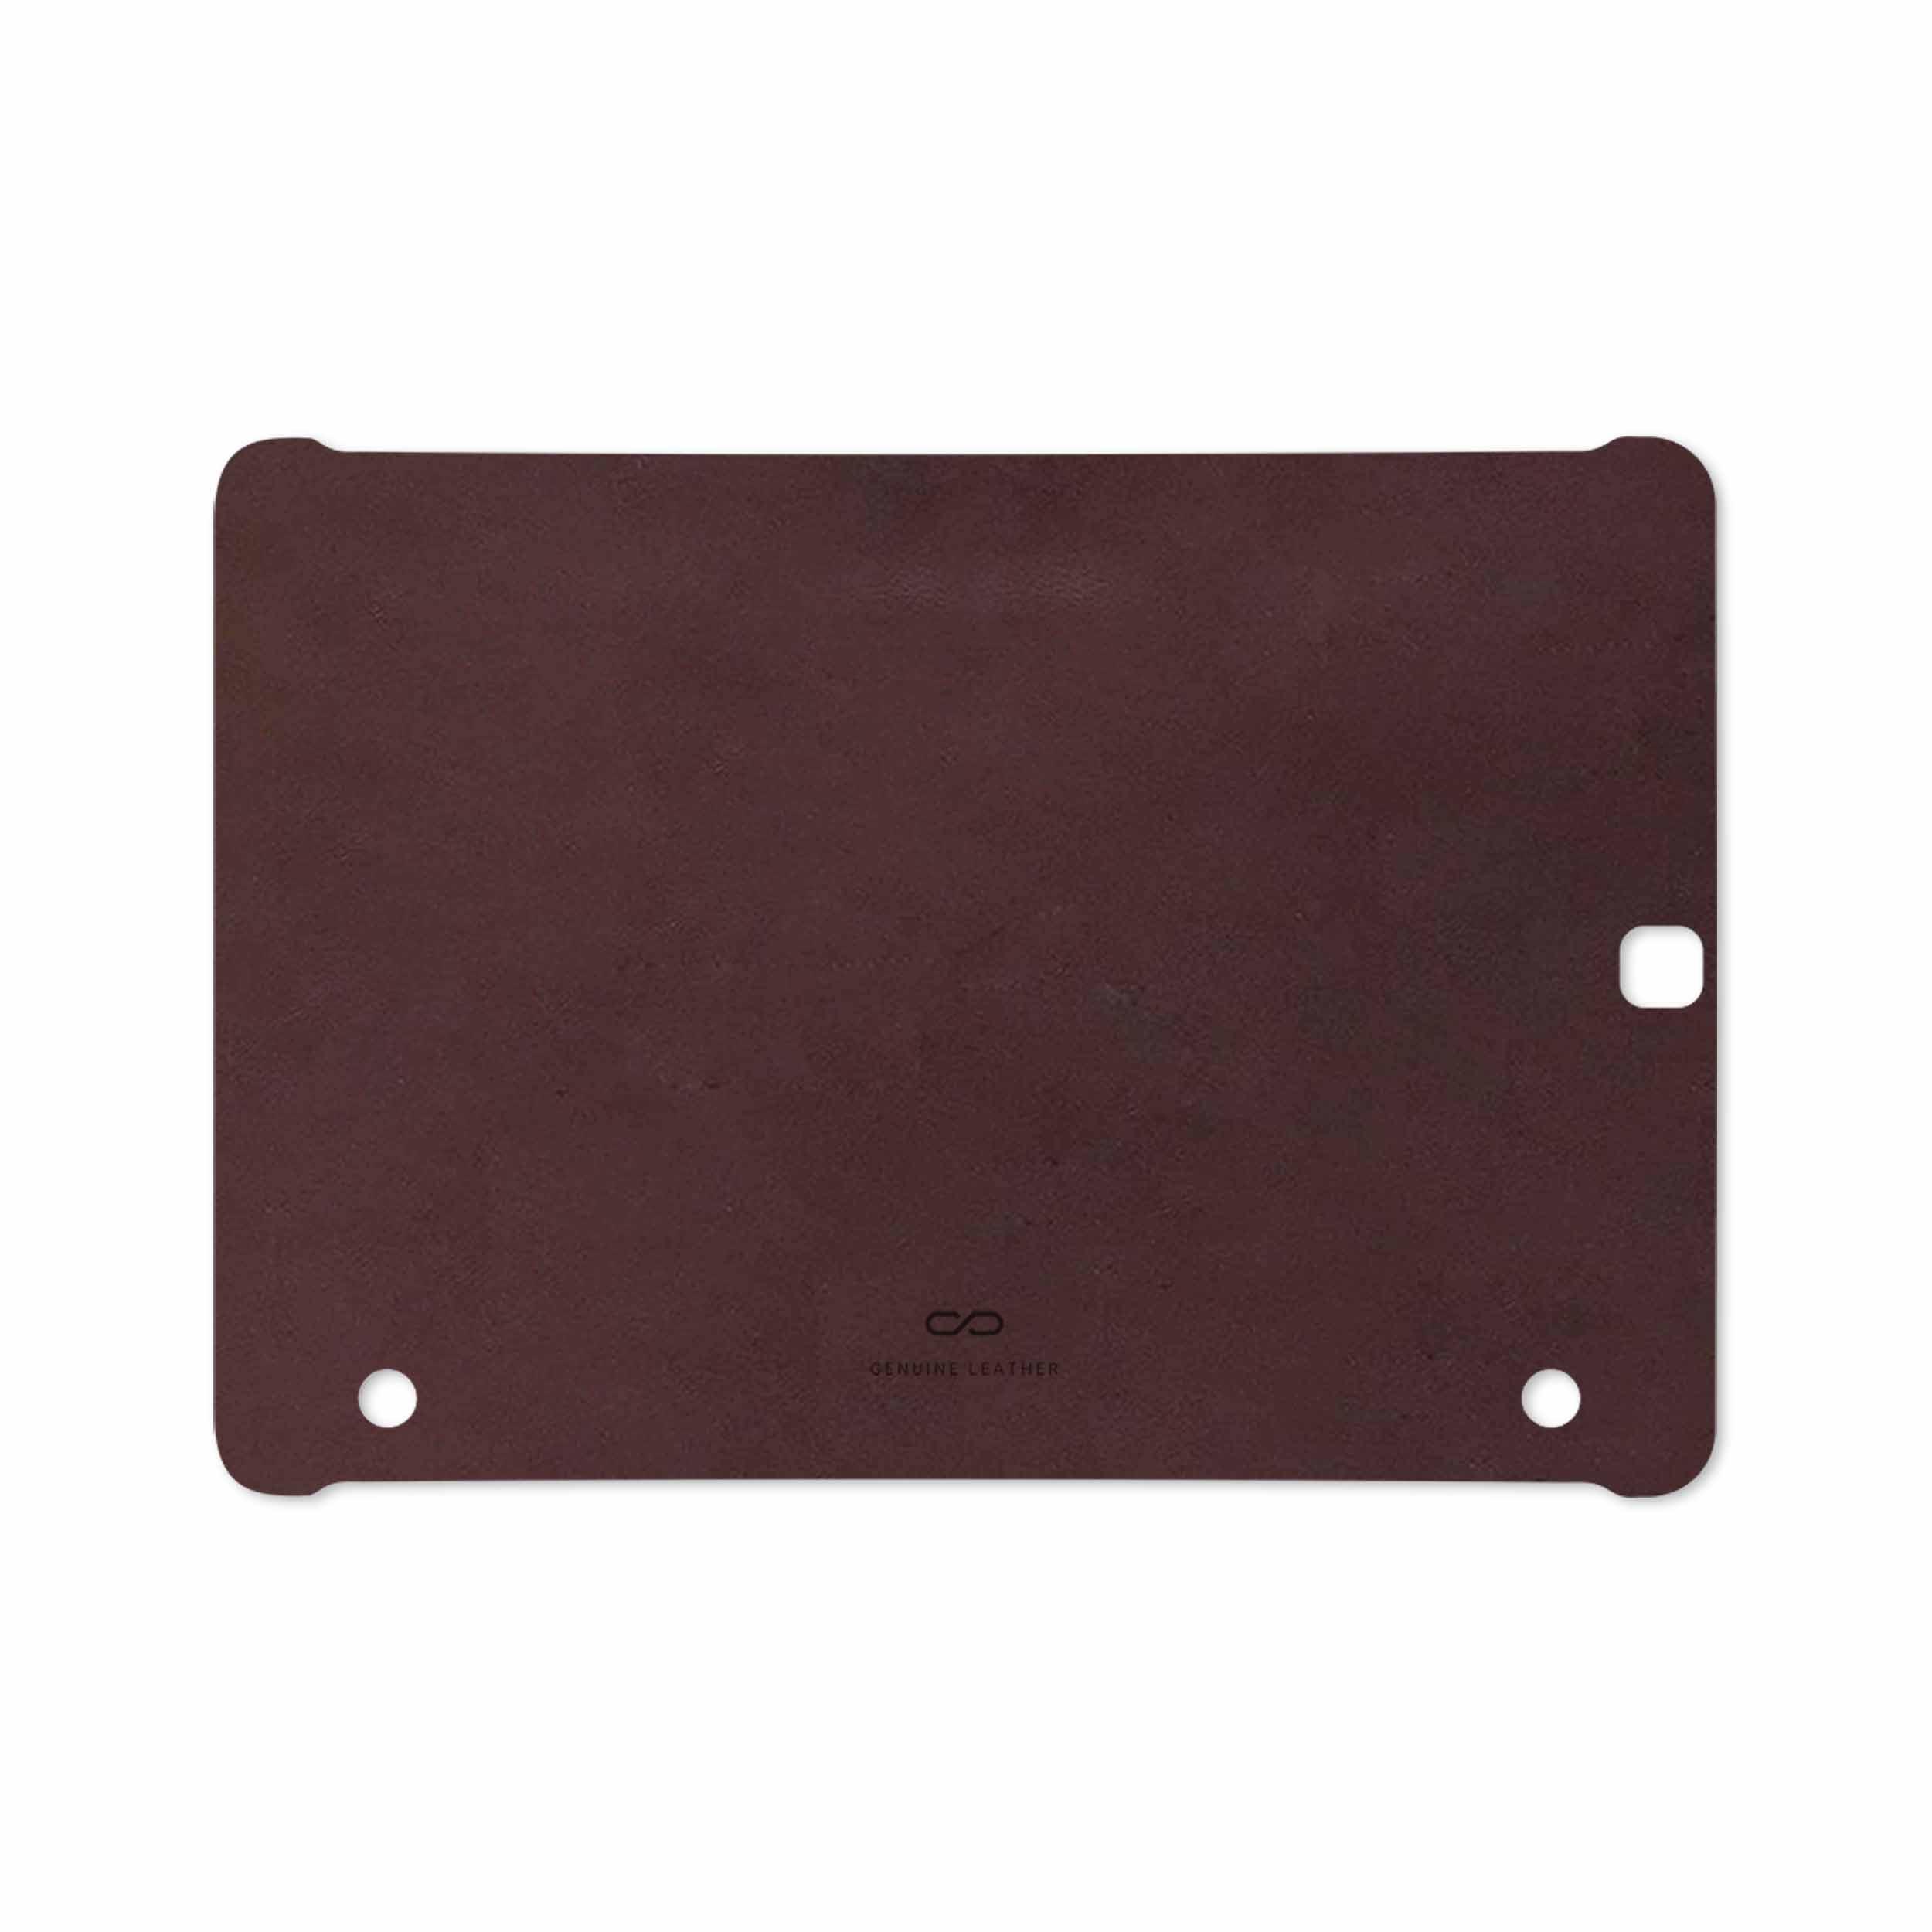 بررسی و خرید [با تخفیف]                                     برچسب پوششی ماهوت مدل Matte-Dark-Brown-Leather مناسب برای تبلت سامسونگ Galaxy Tab S2 9.7 2016 T813N                             اورجینال